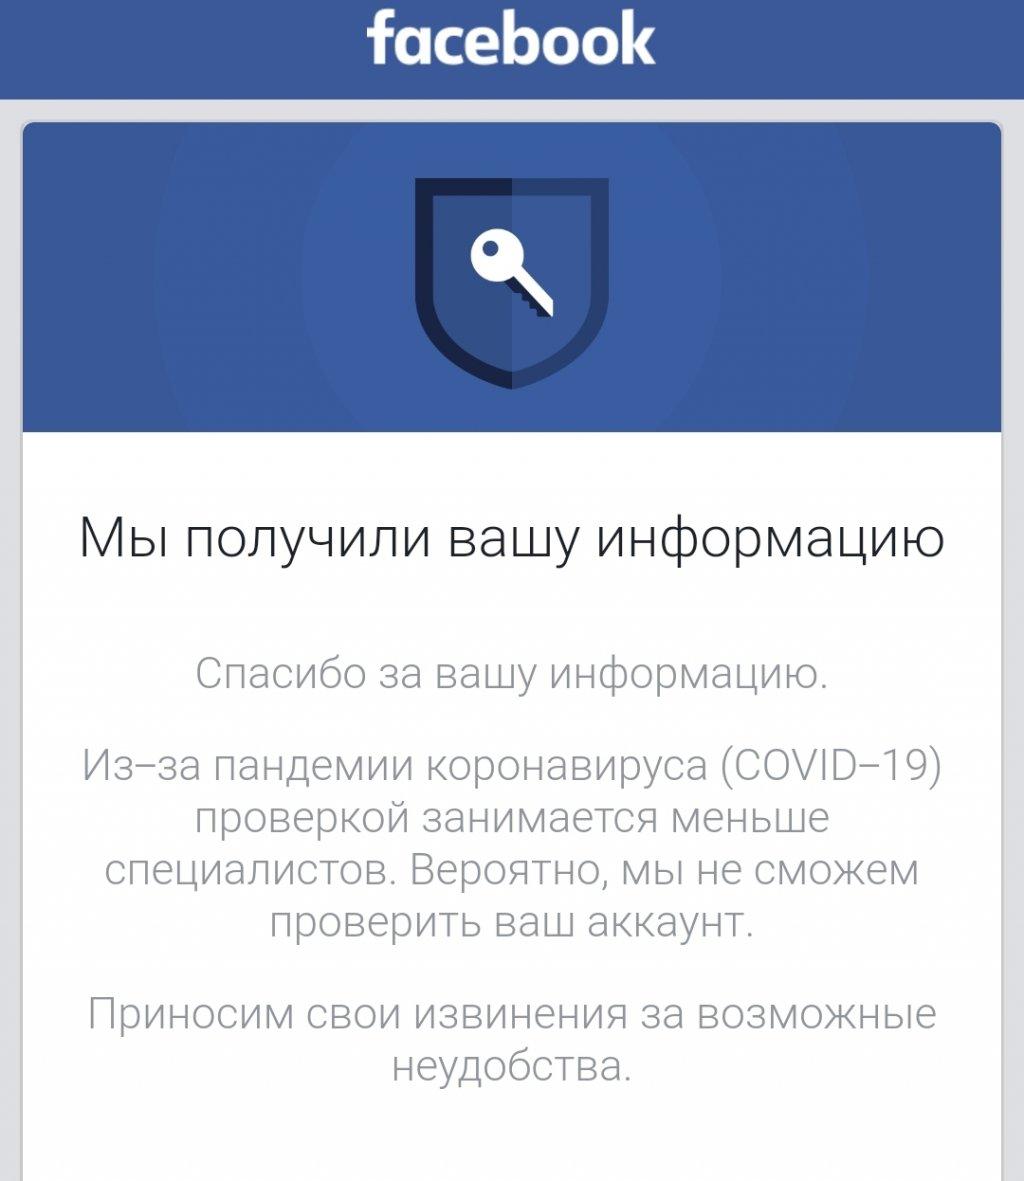 Українці покидають Фейсбук